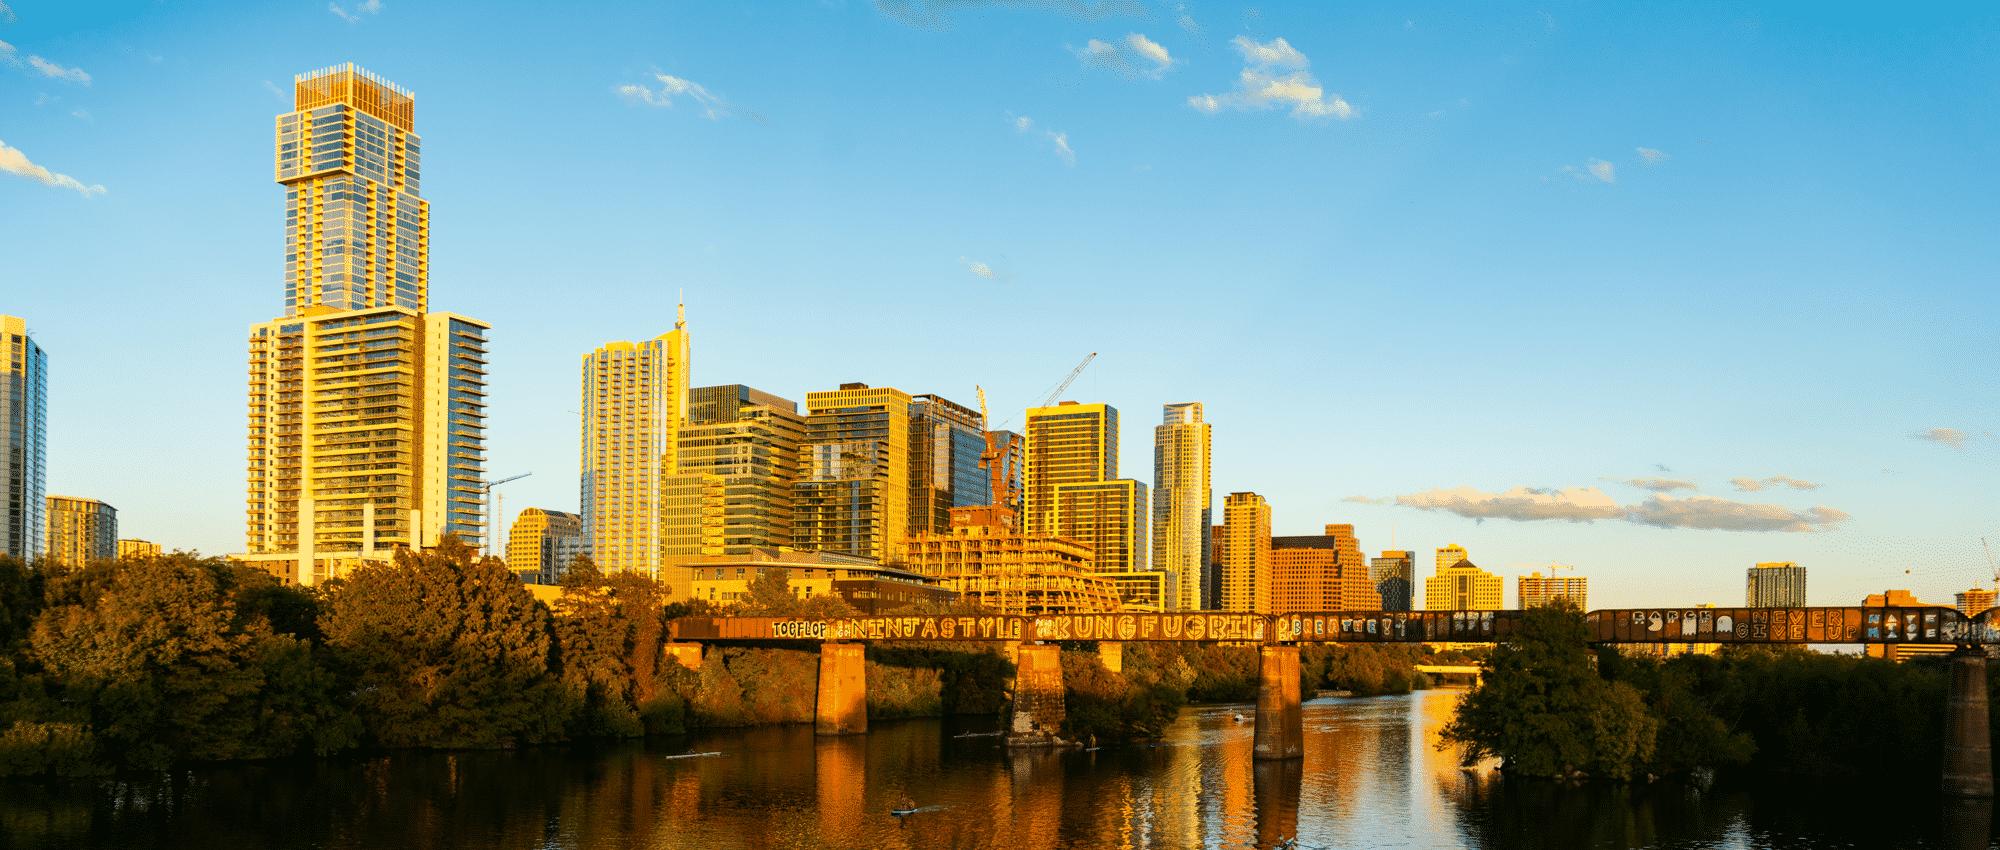 Austin Downtown Buildings 2021